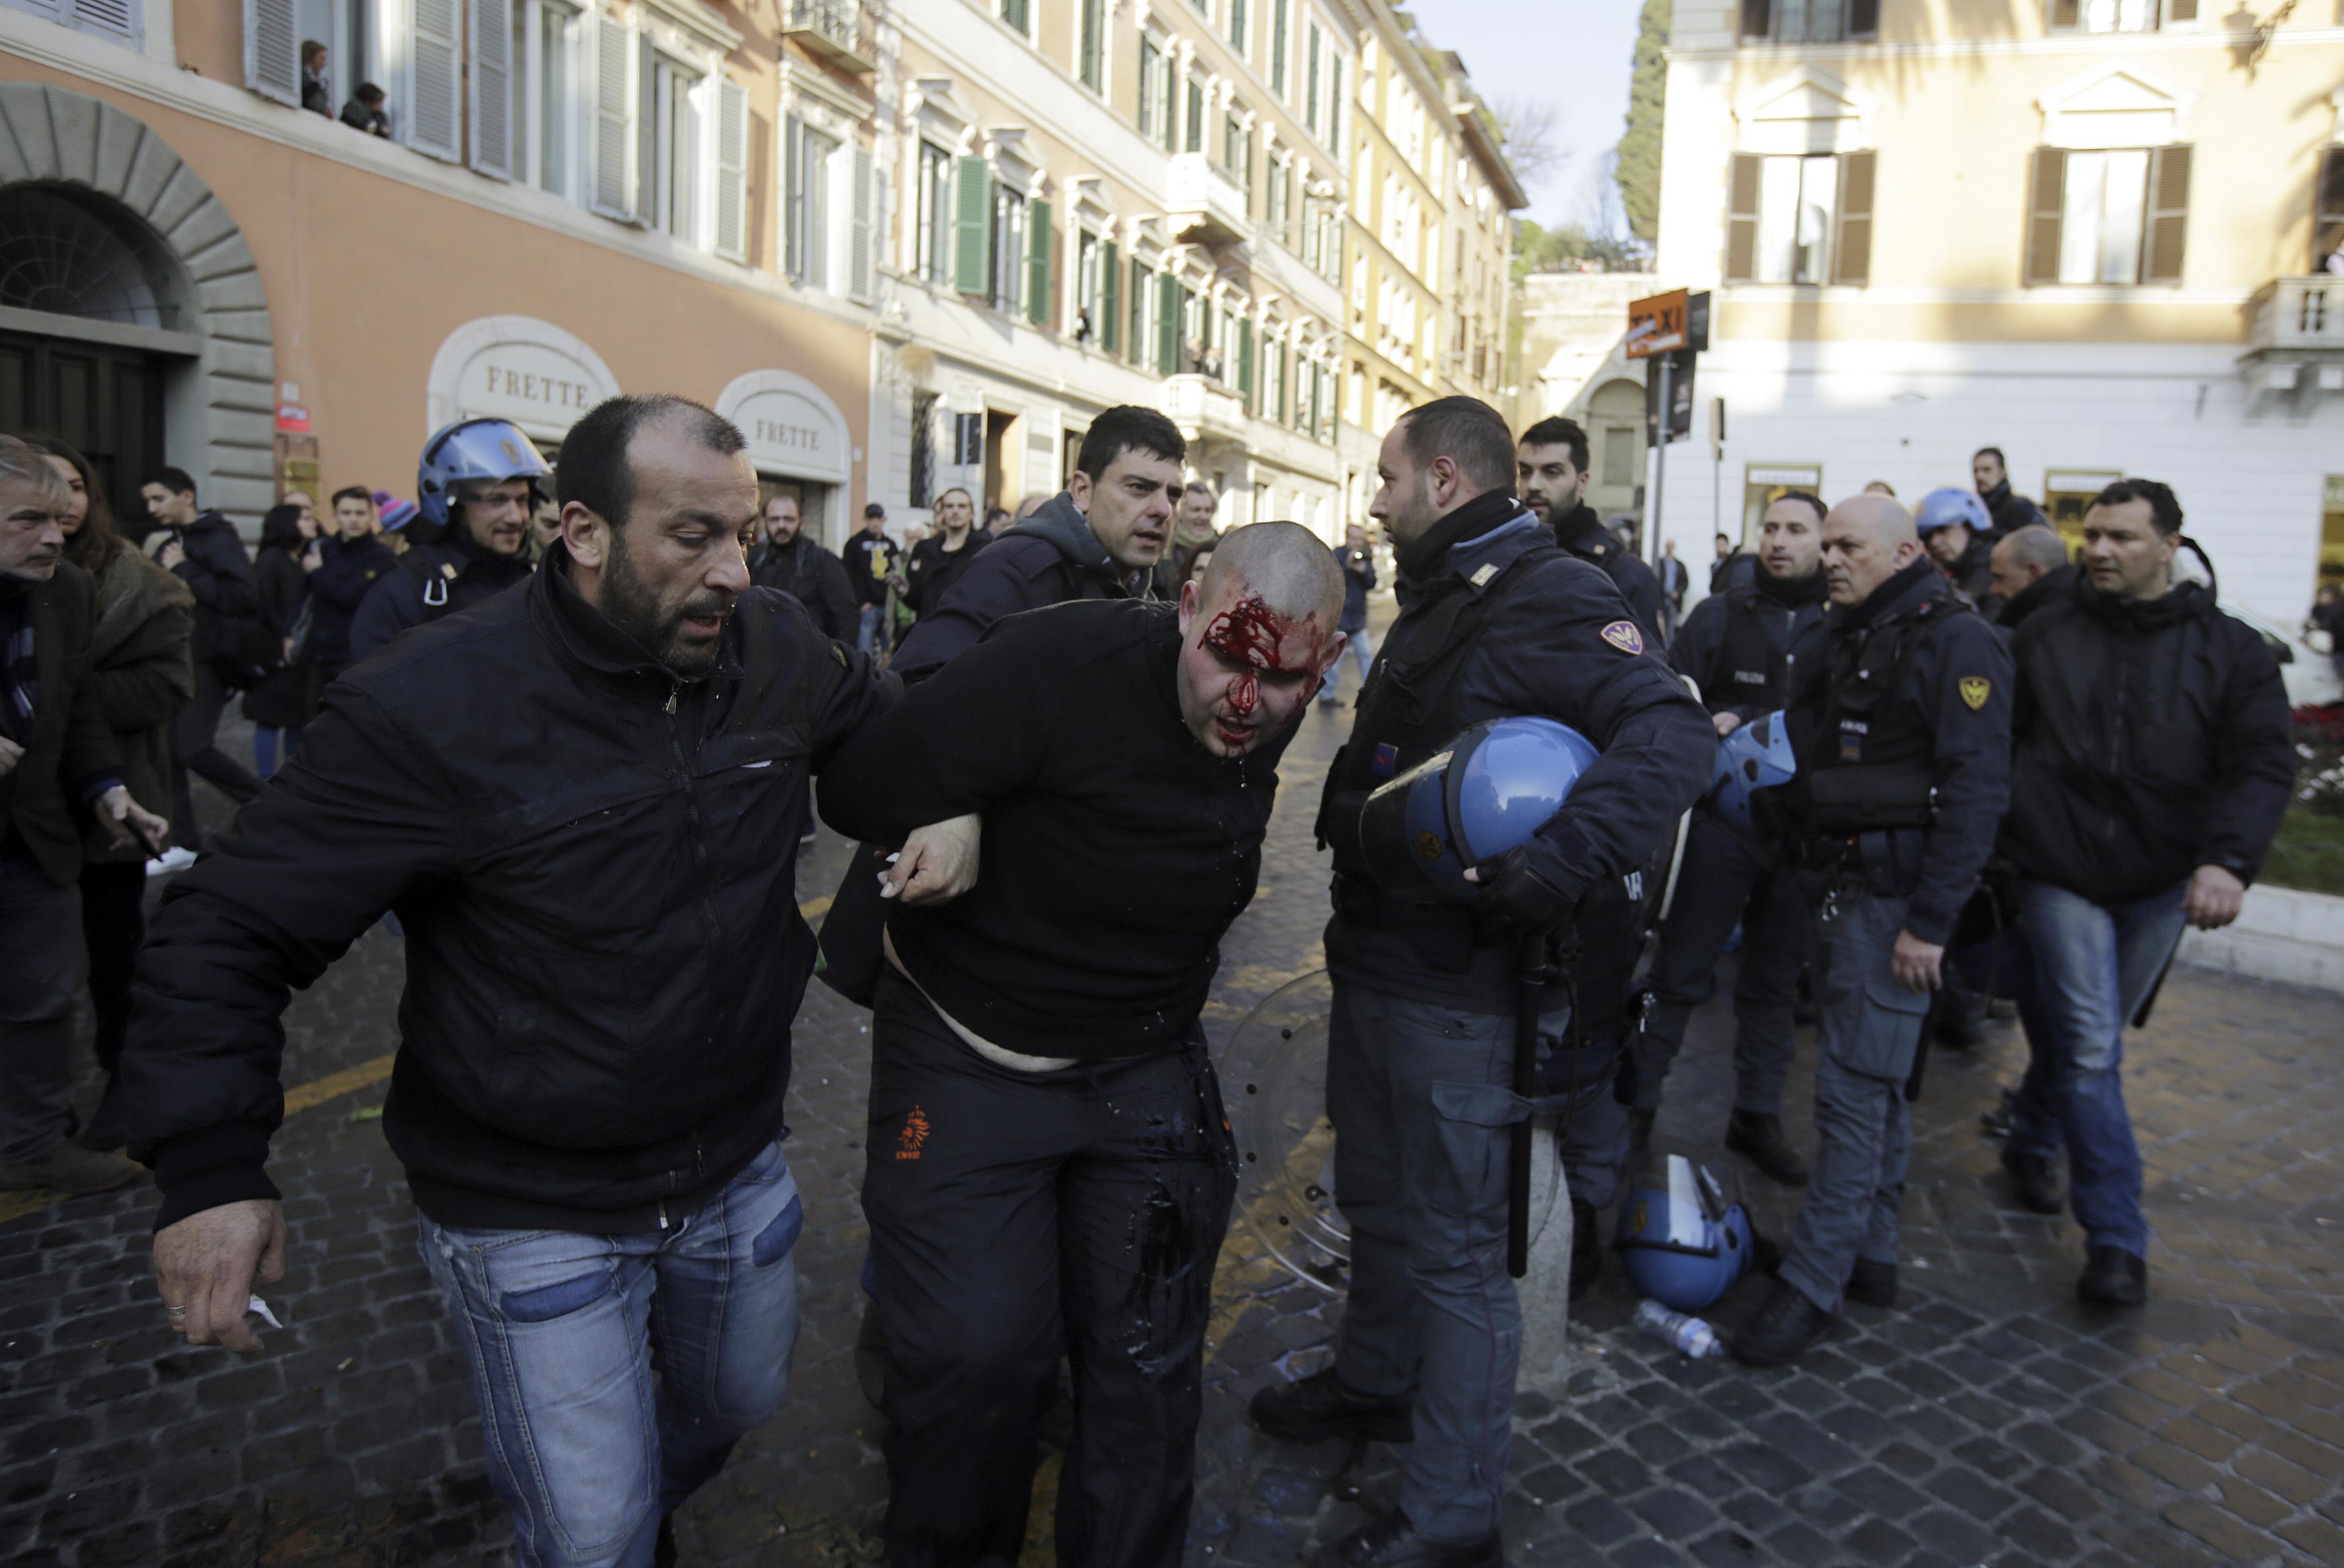 Ein blutender Feyenoord-Anhänger wird am Nachmittag vor dem Roma-Spiel in der Nähe der Spanischen Treppe in Rom abgeführt. Foto: Yara Nardi (Reuters)